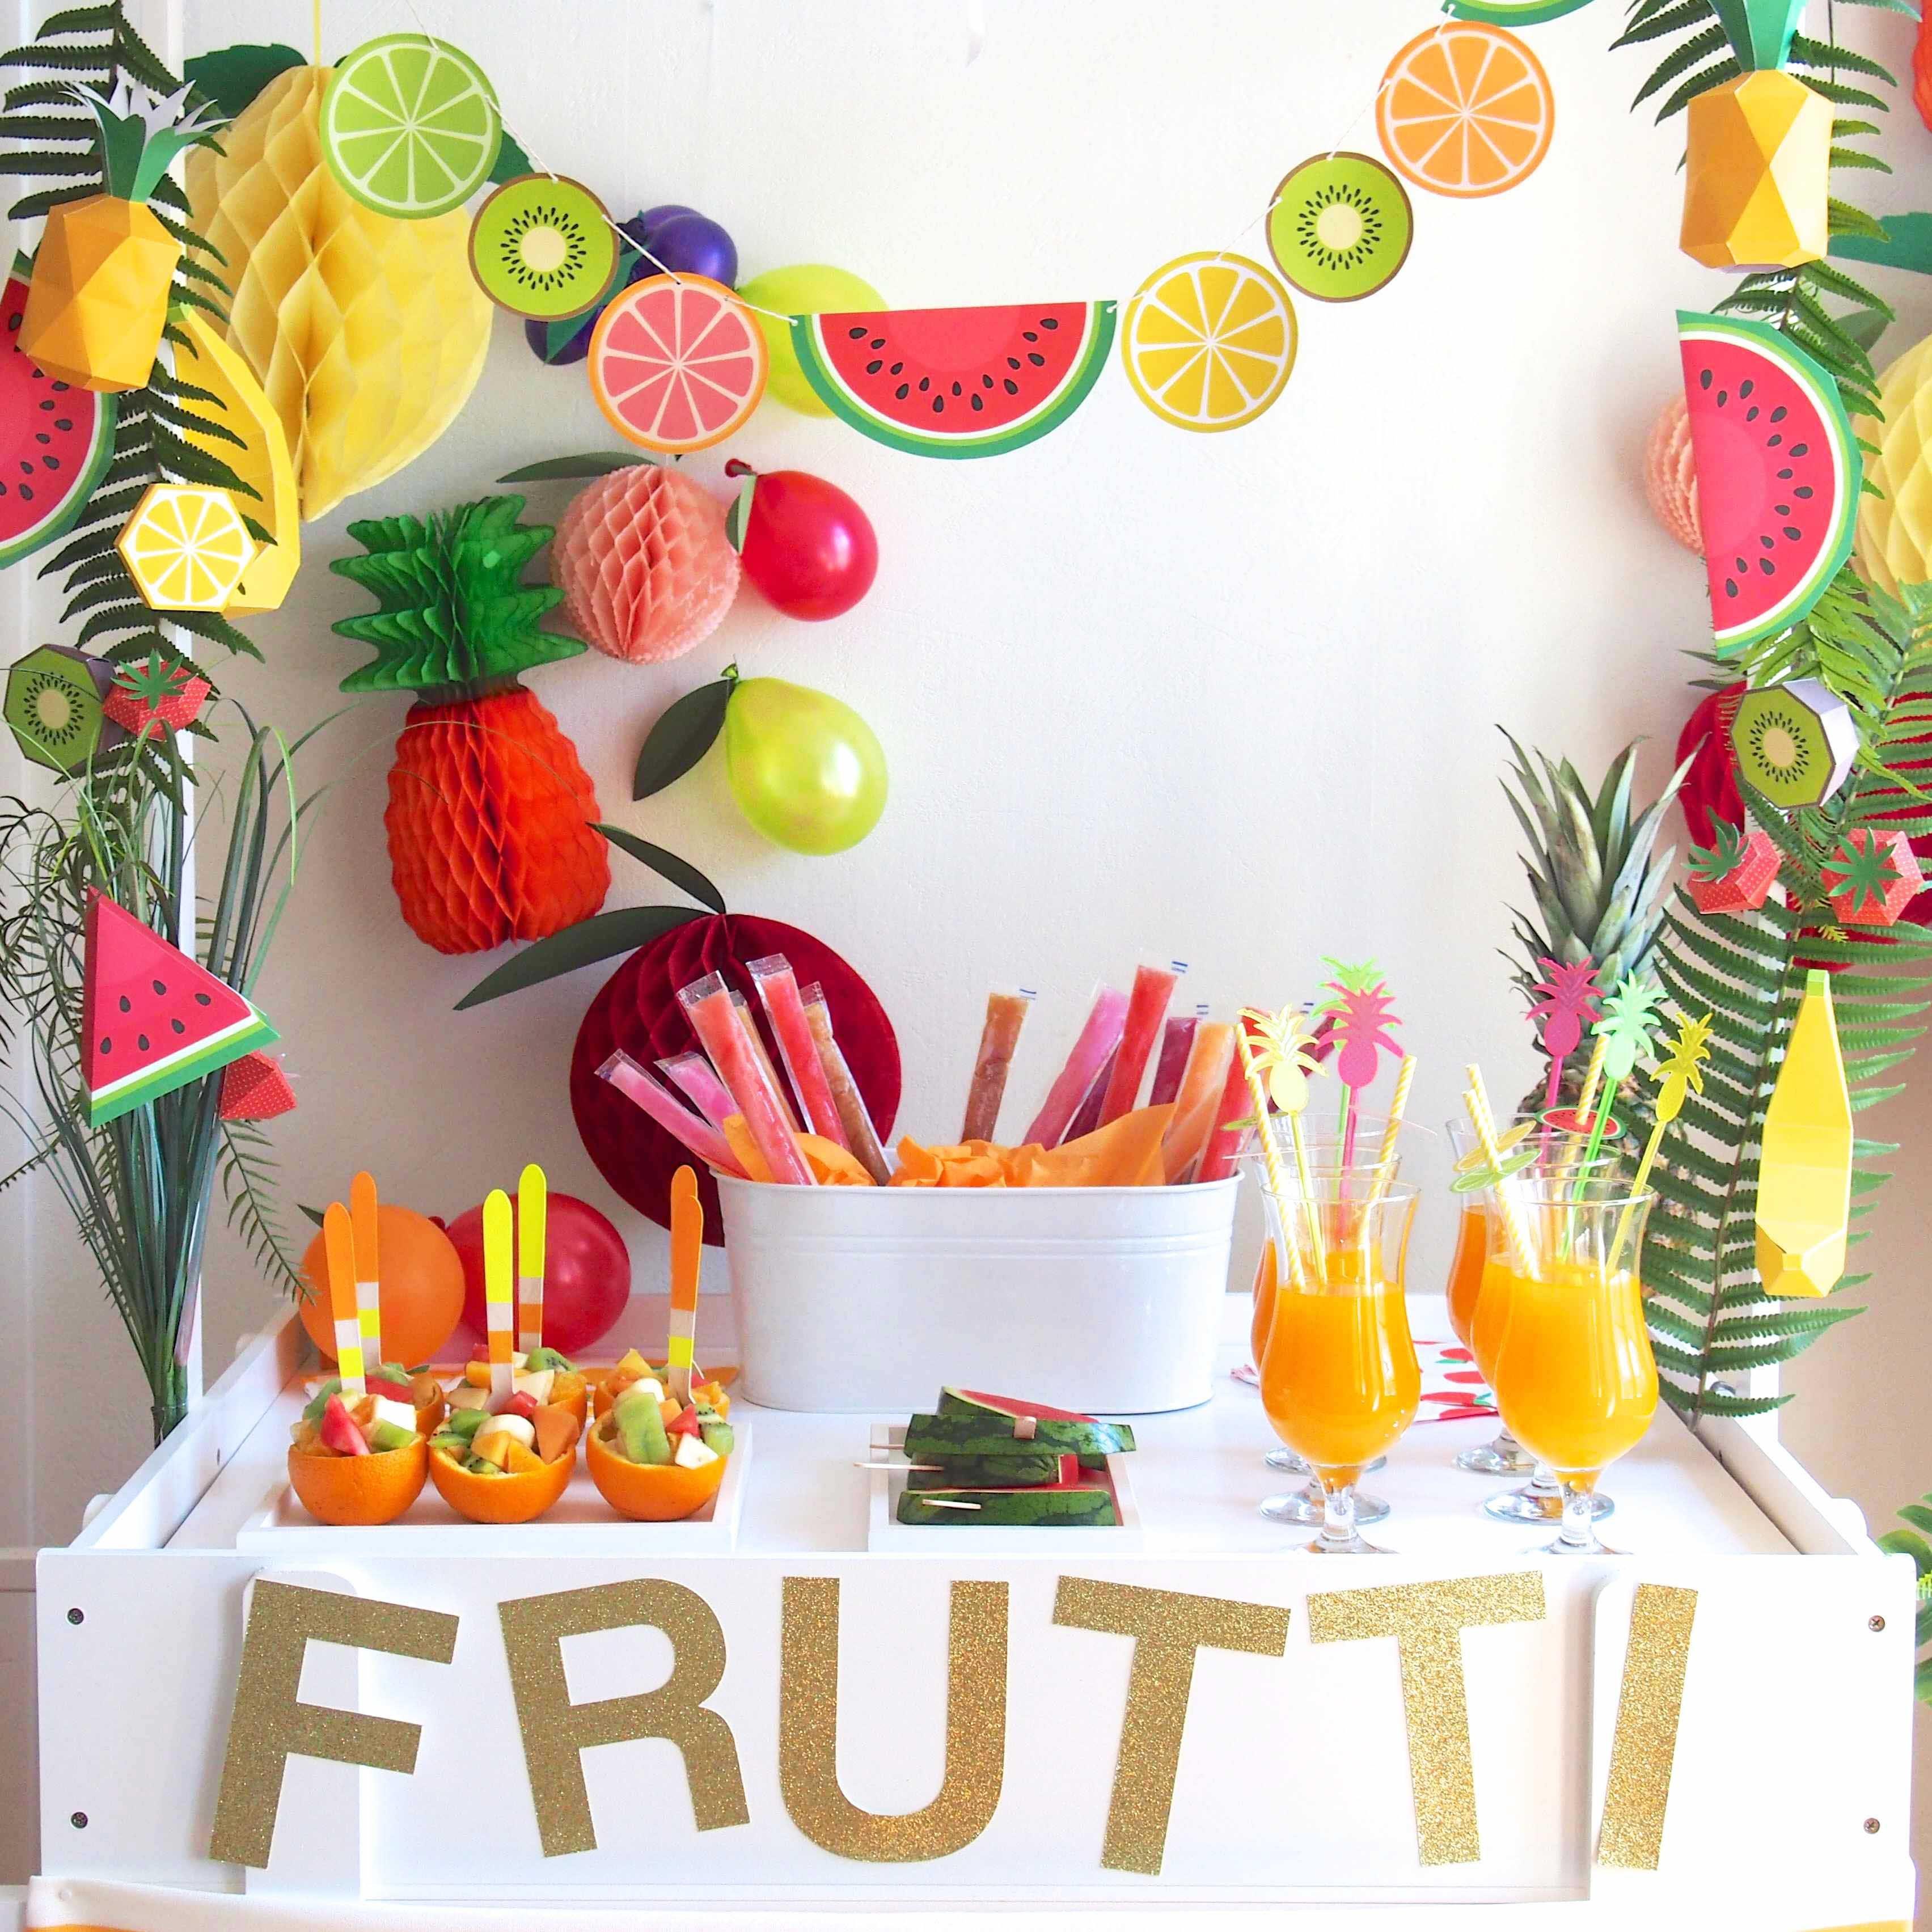 Fabulous déco tropicale pour anniversaire déco tropicale pour fête Bar à  IT58